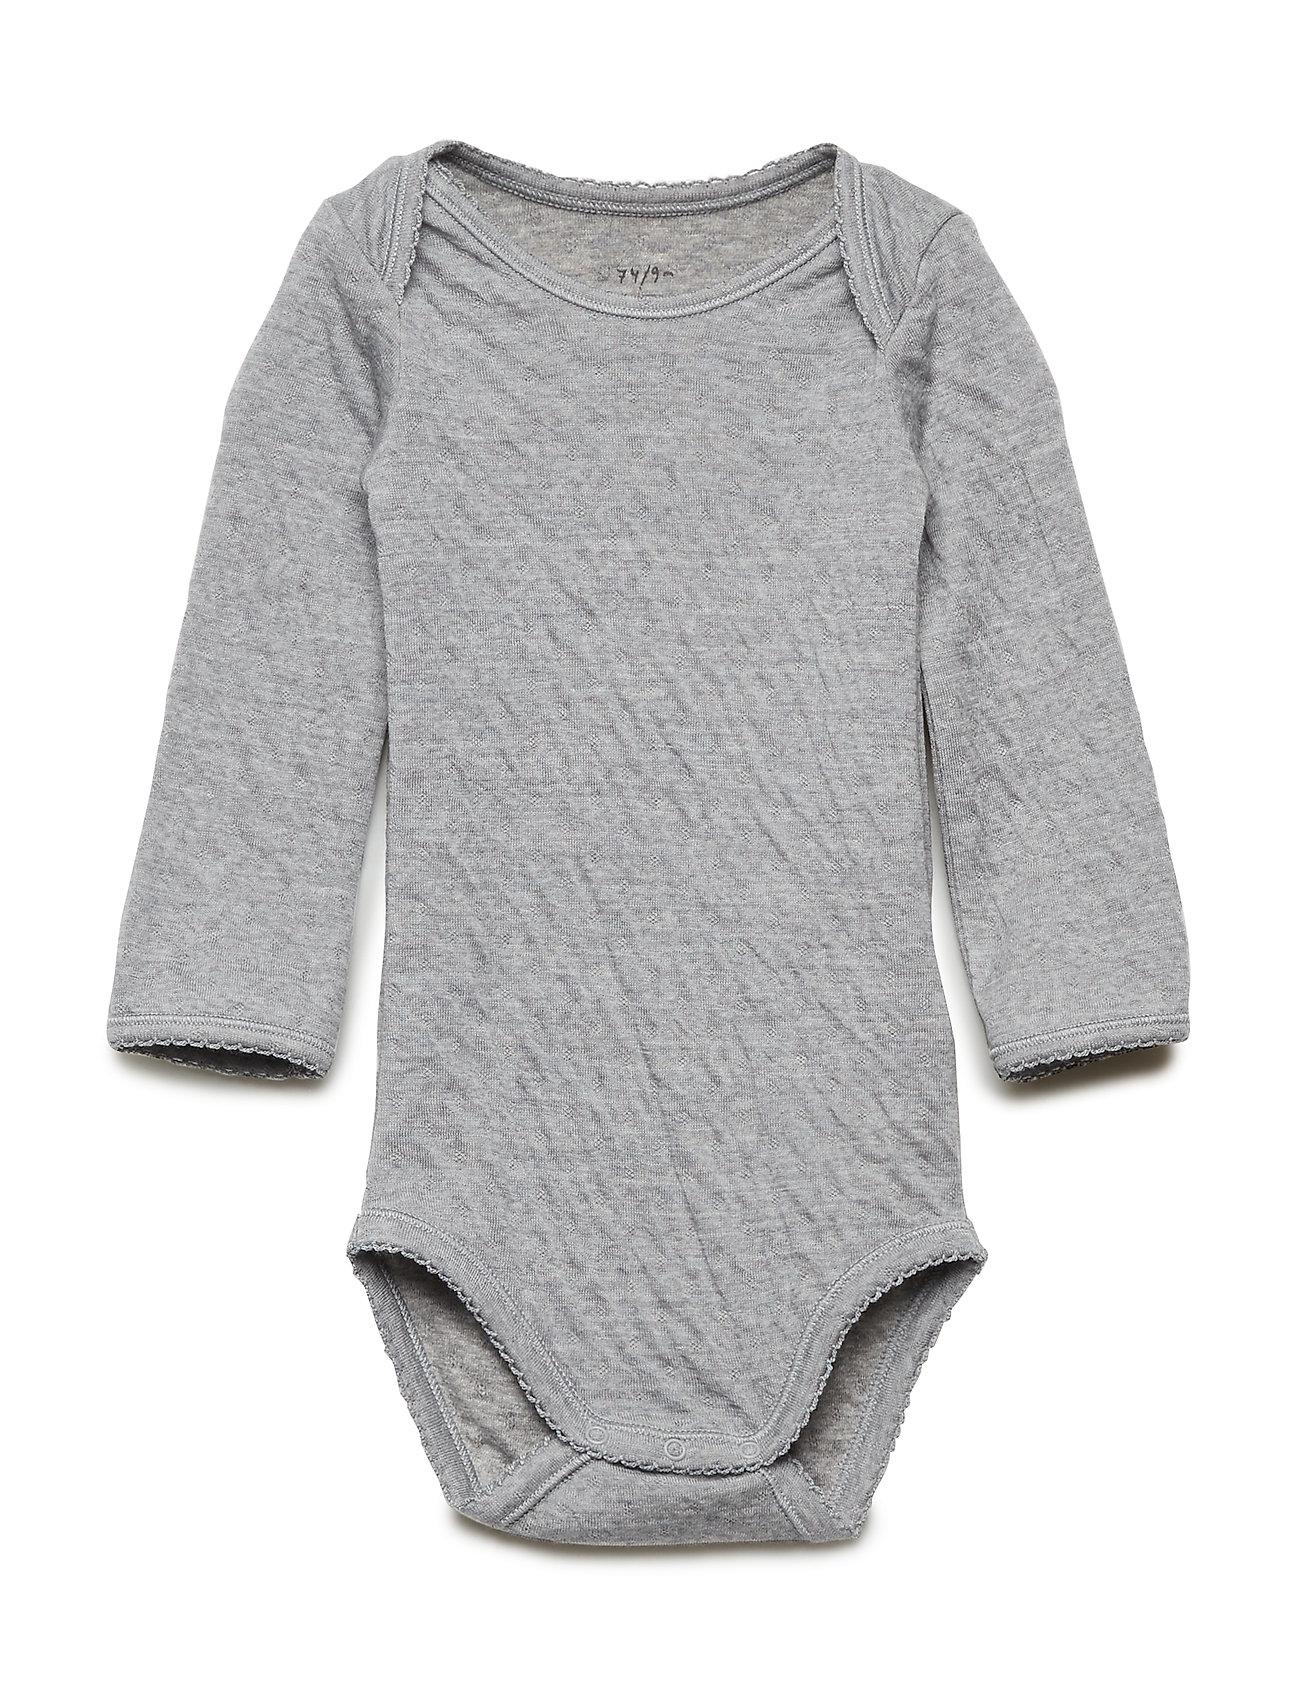 Baby Body (Grey Melange) (24.47 €)